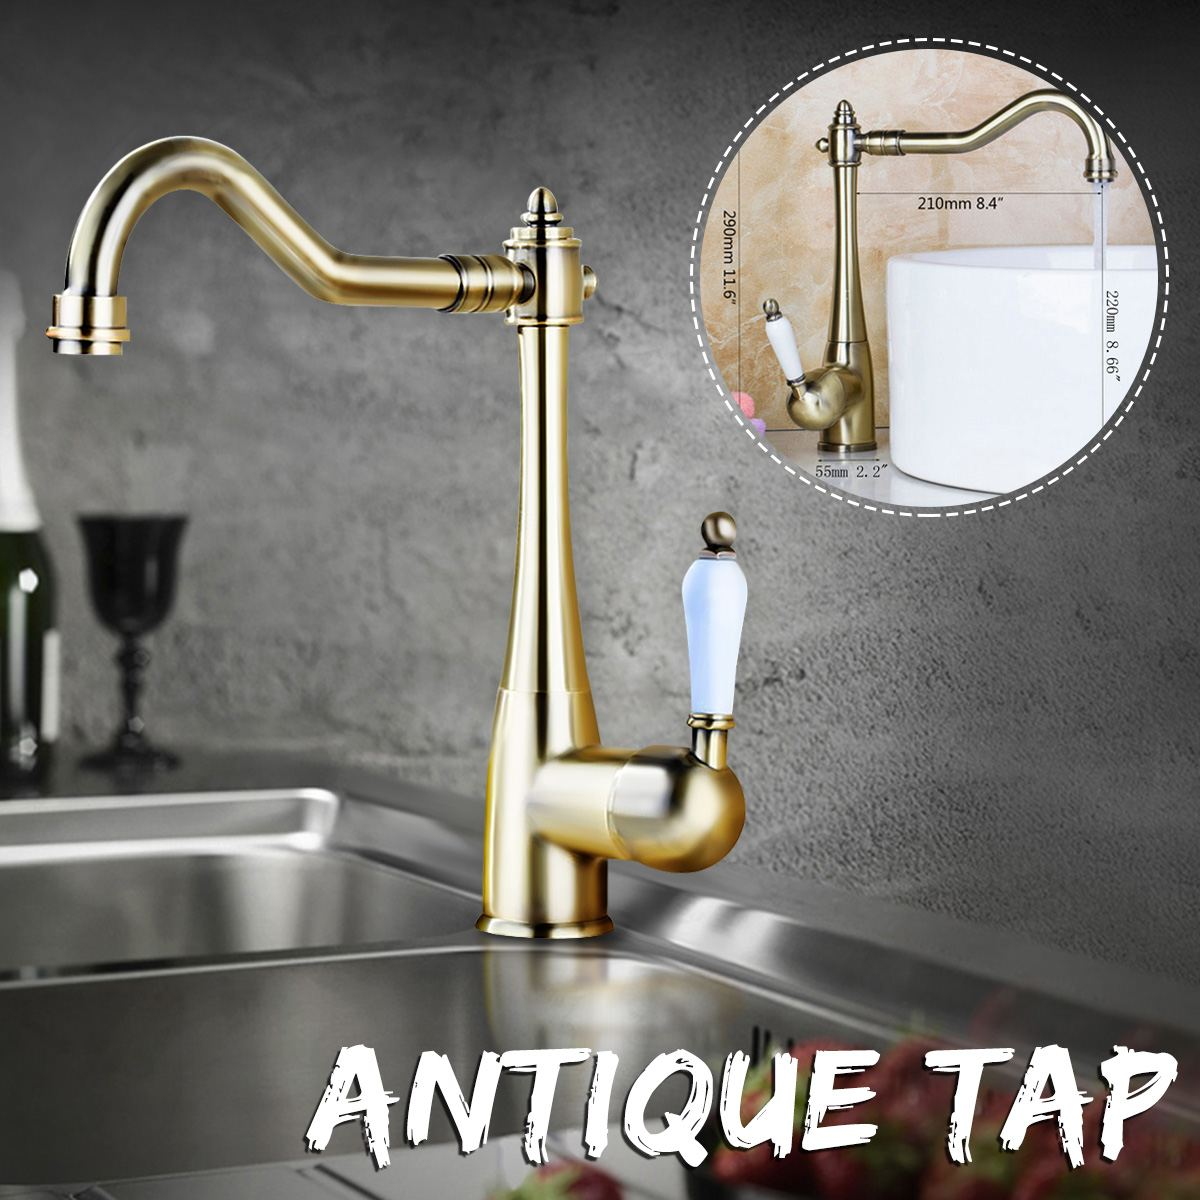 Xueqin Antique cuivre salle de bain bassin robinet monté sur le pont mitigeur classique robinet salle de bains évier robinet eau chaude et froide